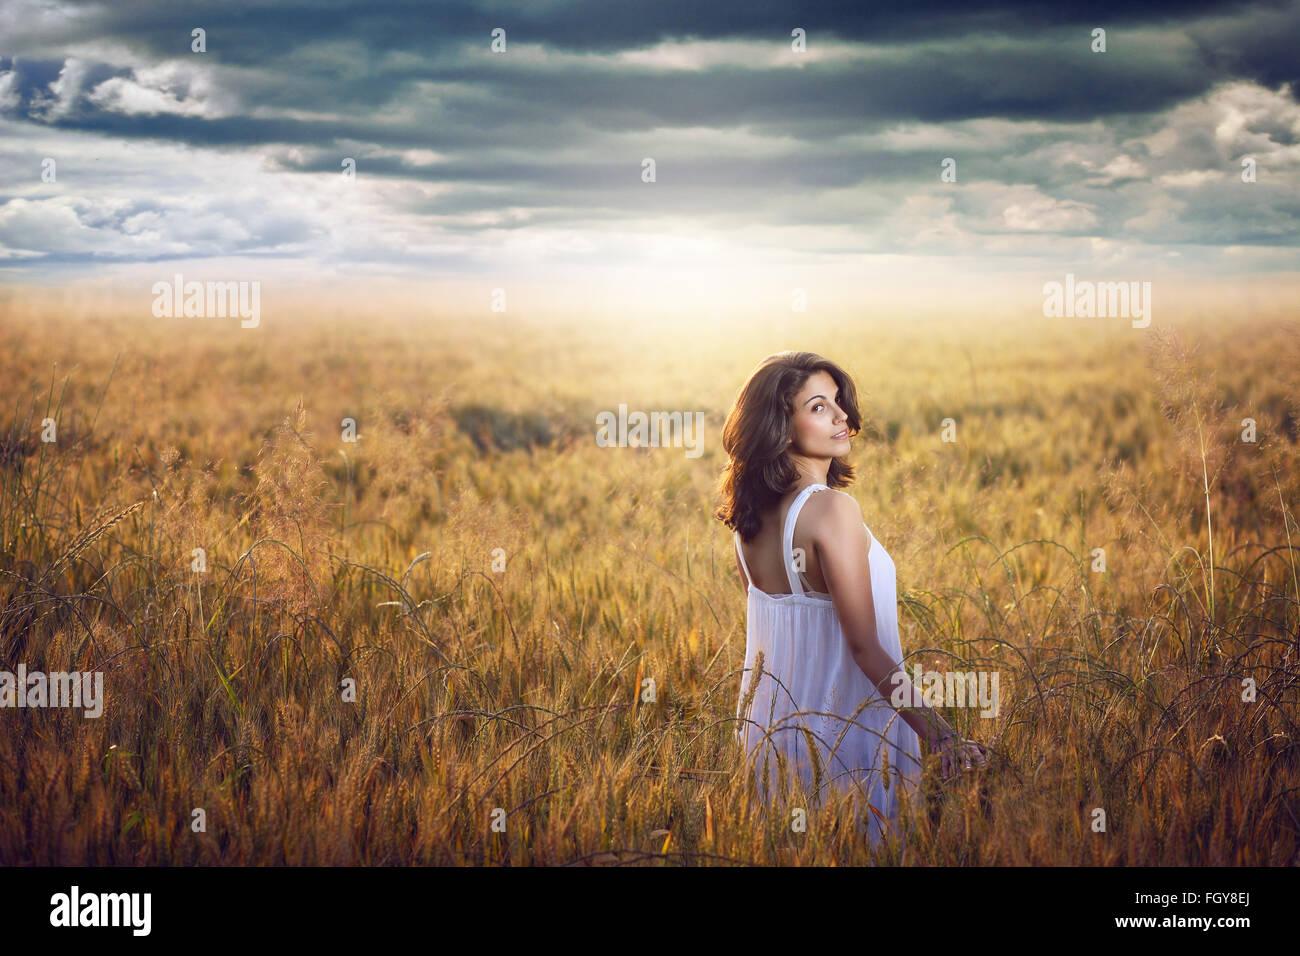 Bella mujer en un campo de maíz con dramáticas sky . Luz del atardecer Imagen De Stock